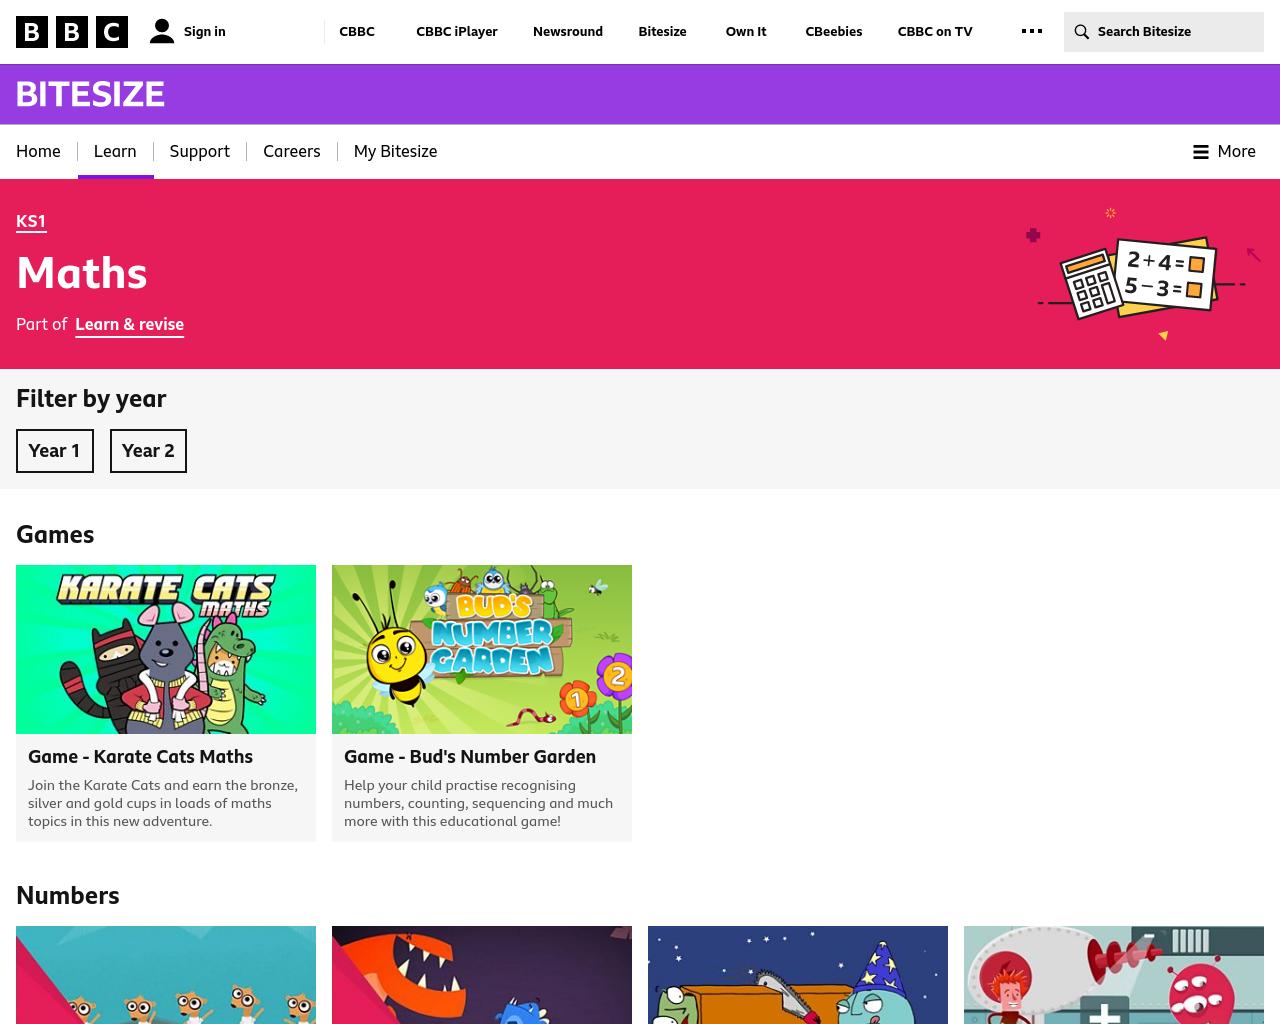 BBC Bitesize Numeracy